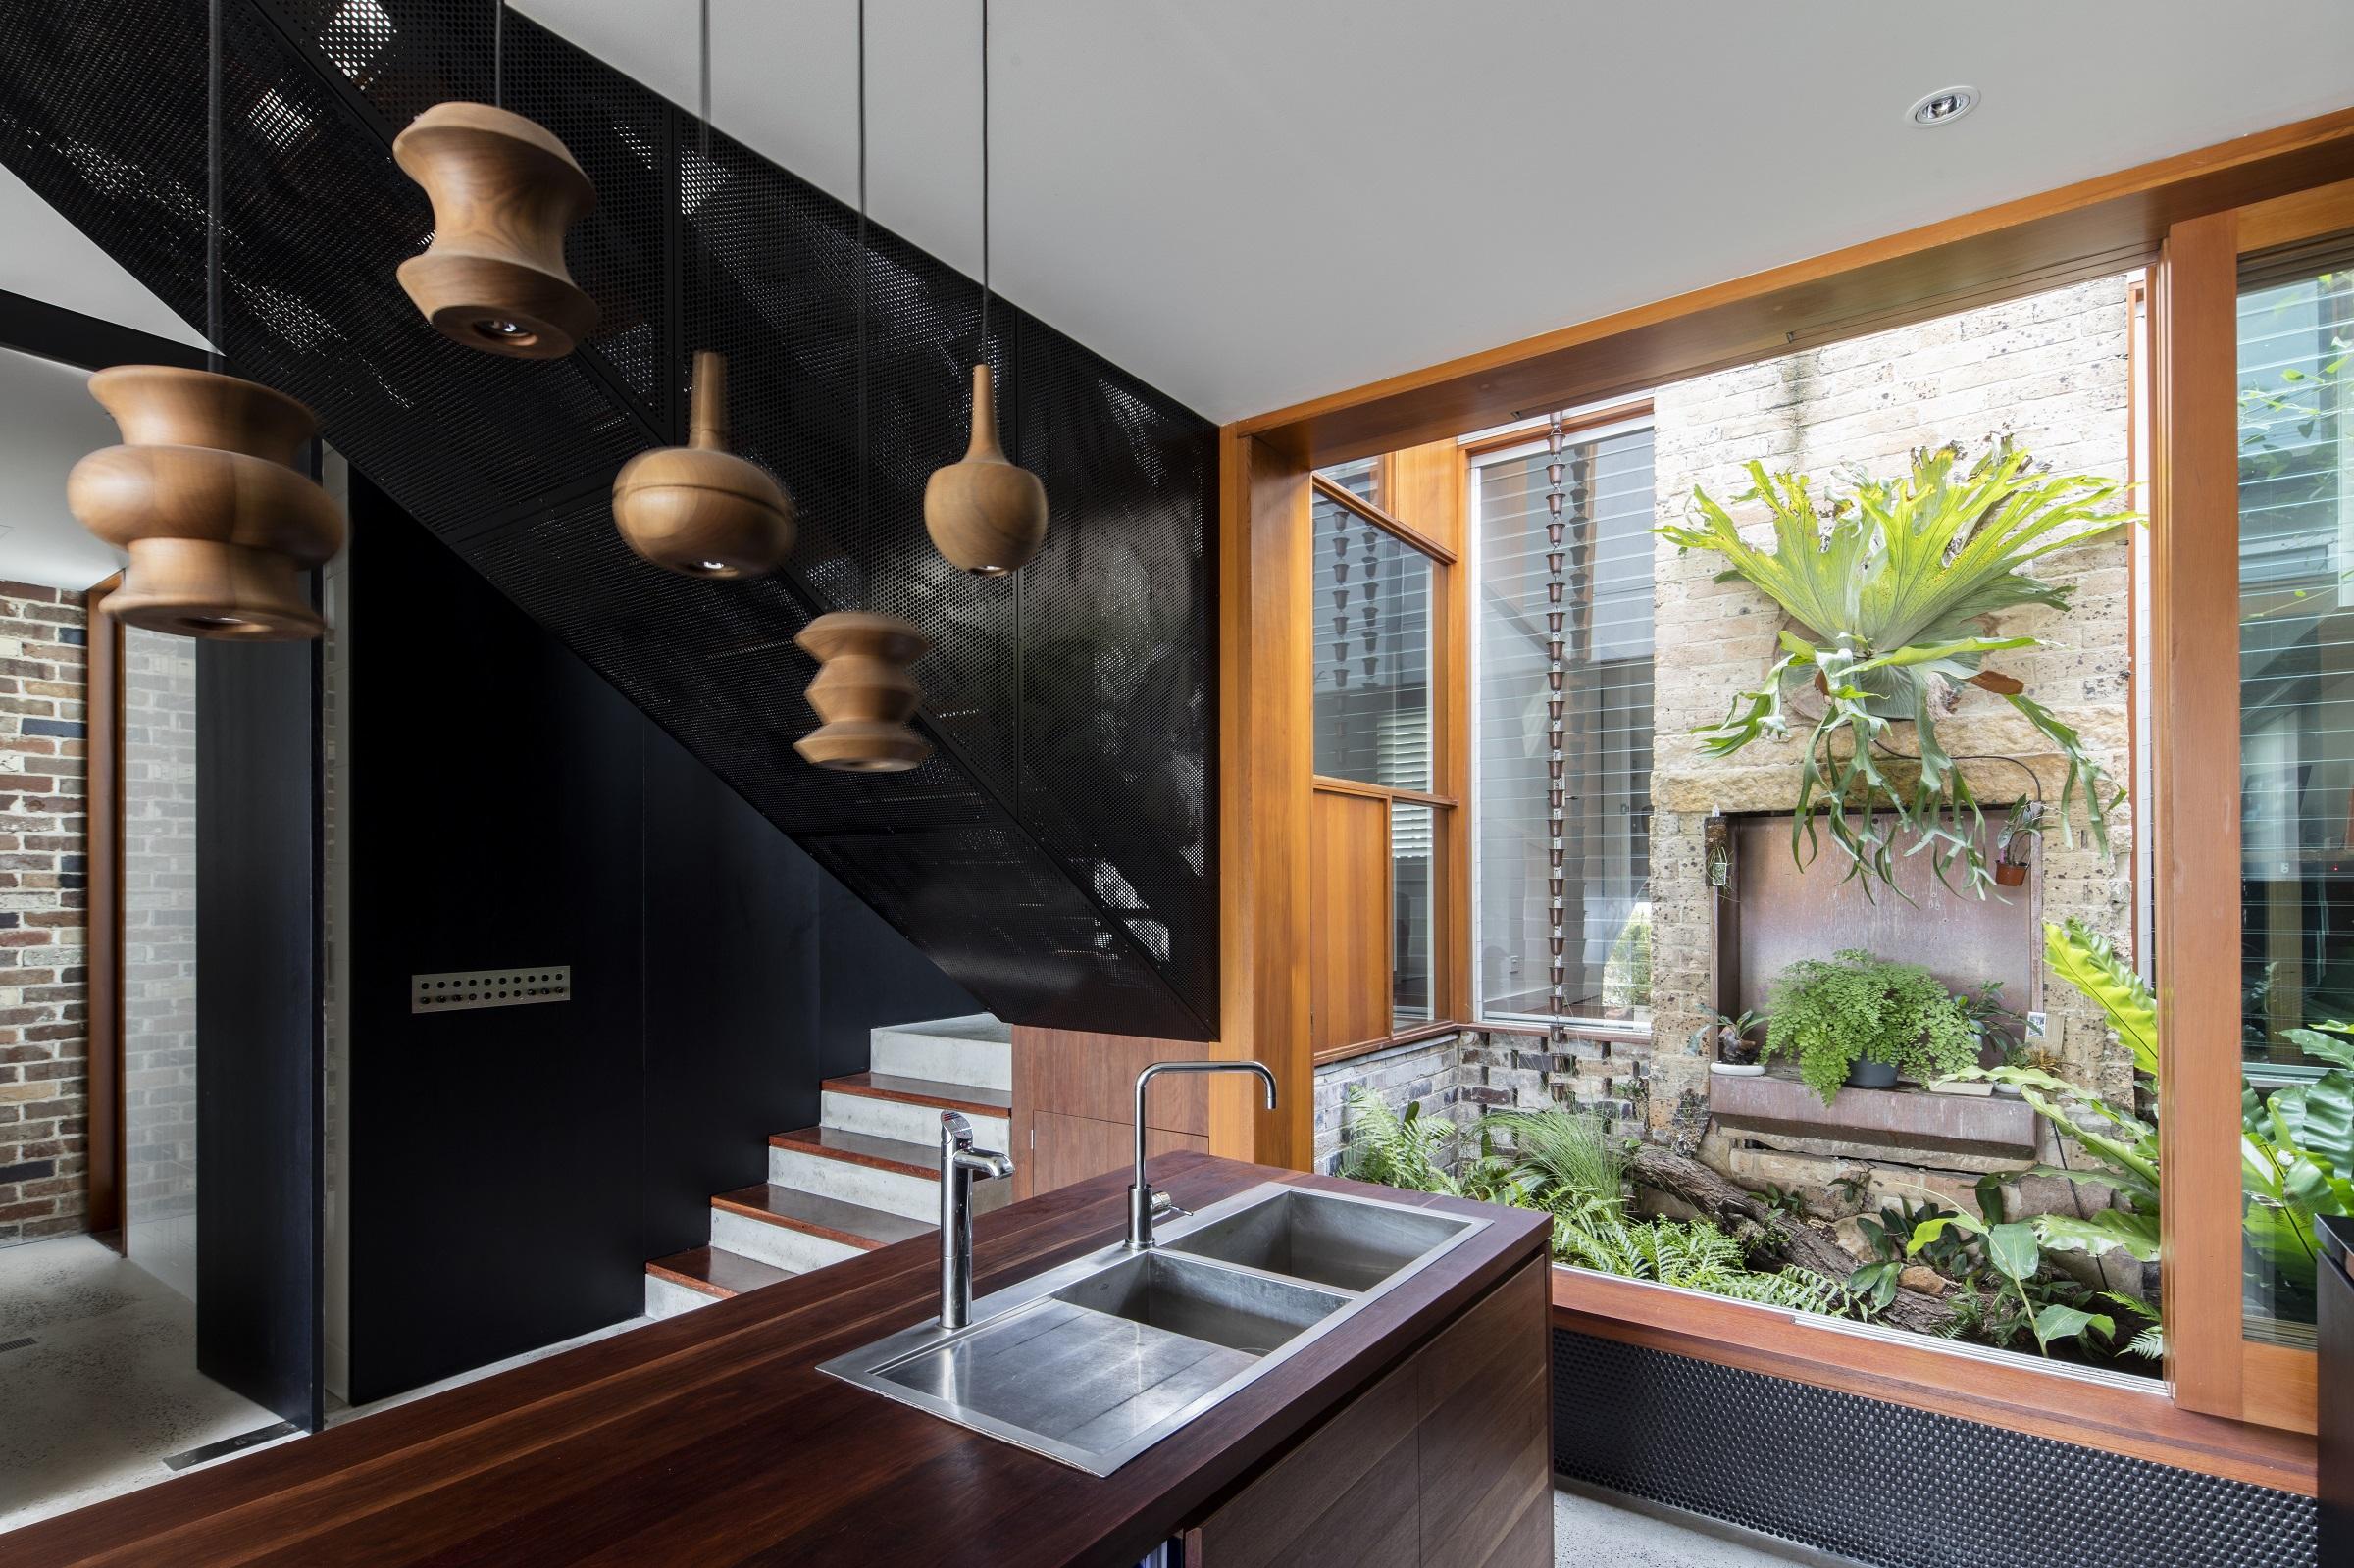 Metal interiors - current favourite interior trends